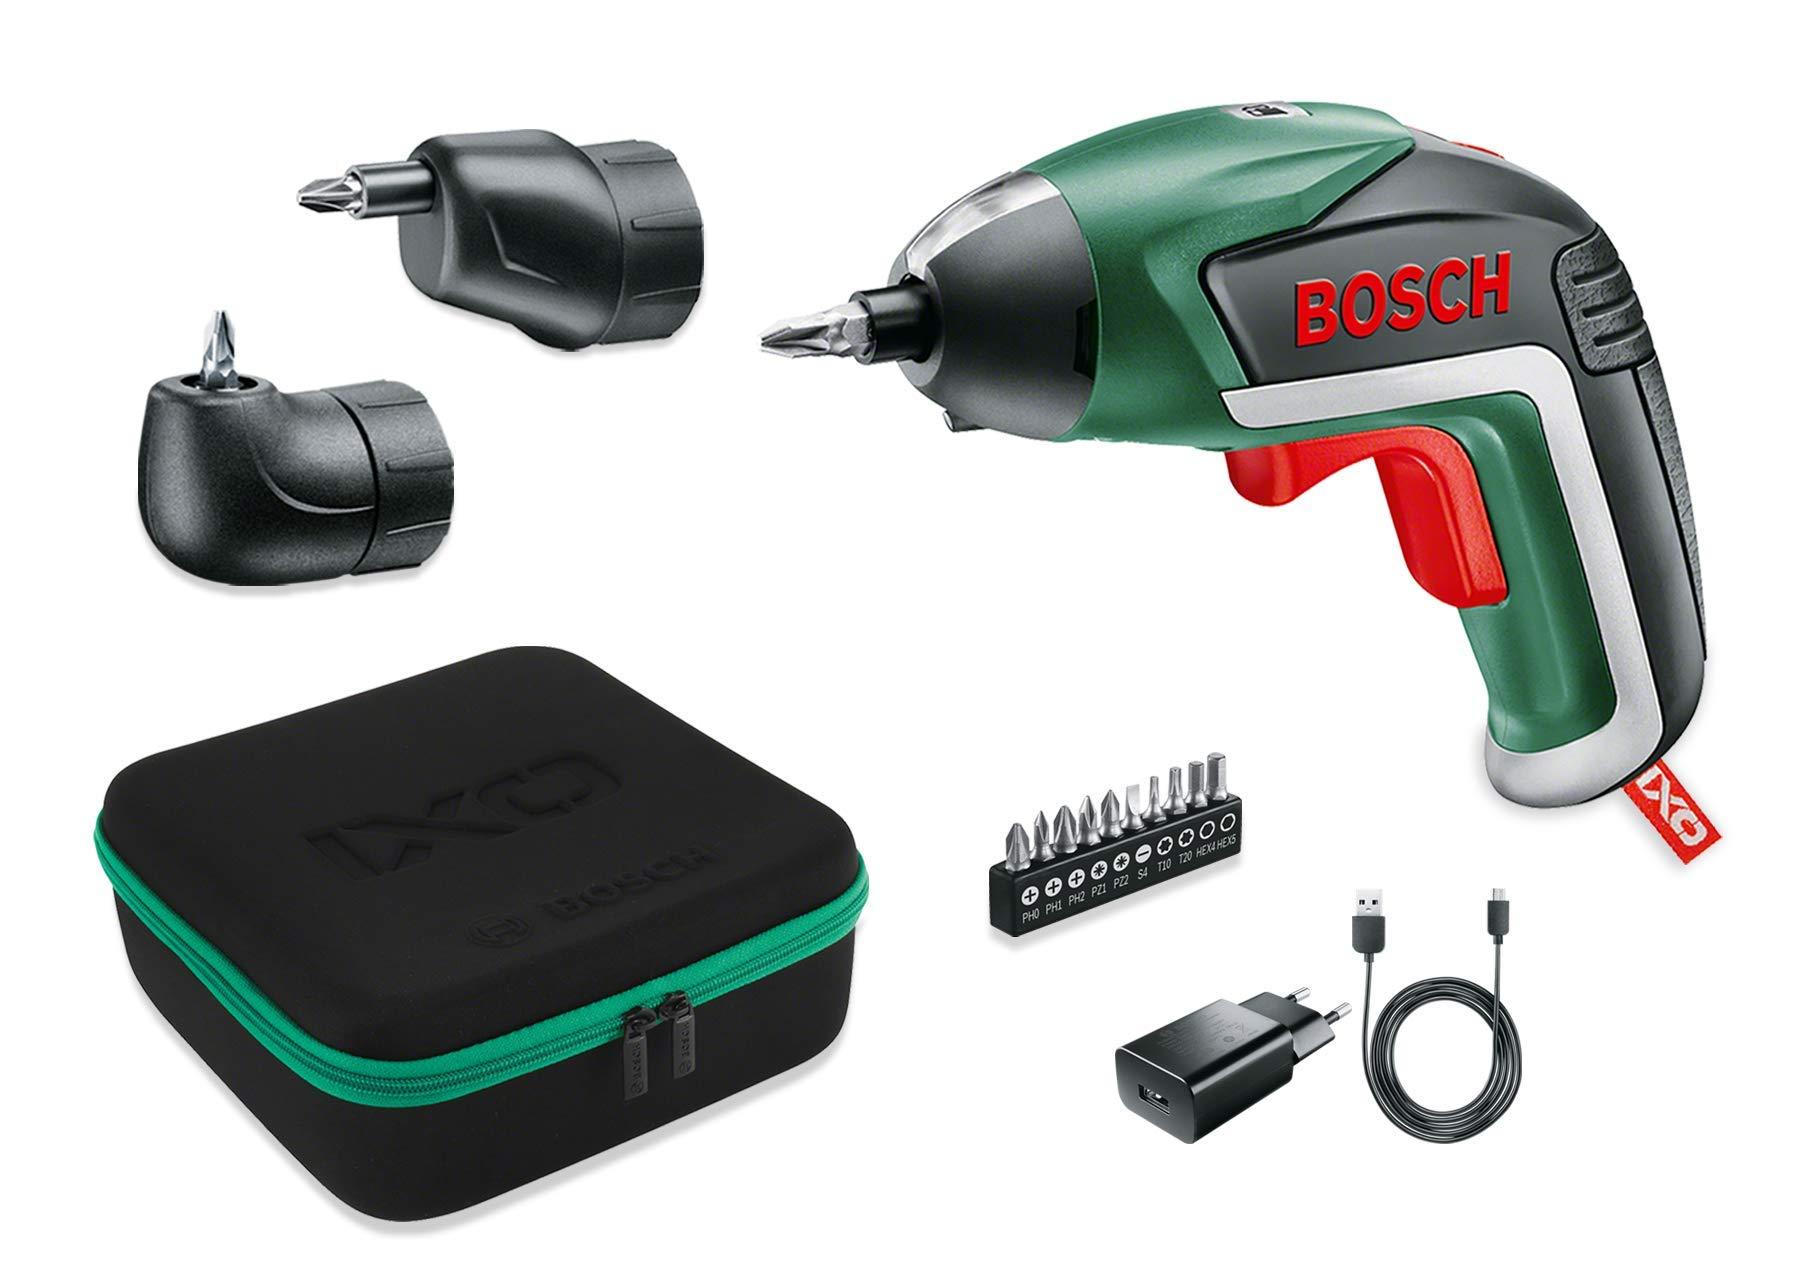 Bosch - Set da cacciavite a Batteria IXO (Testa ad Angolo, Testa Eccentrica, 10 cacciaviti, caricatore USB, scatola schiuma, 3,6 V, 1,5 Ah), Nero/Verde product image